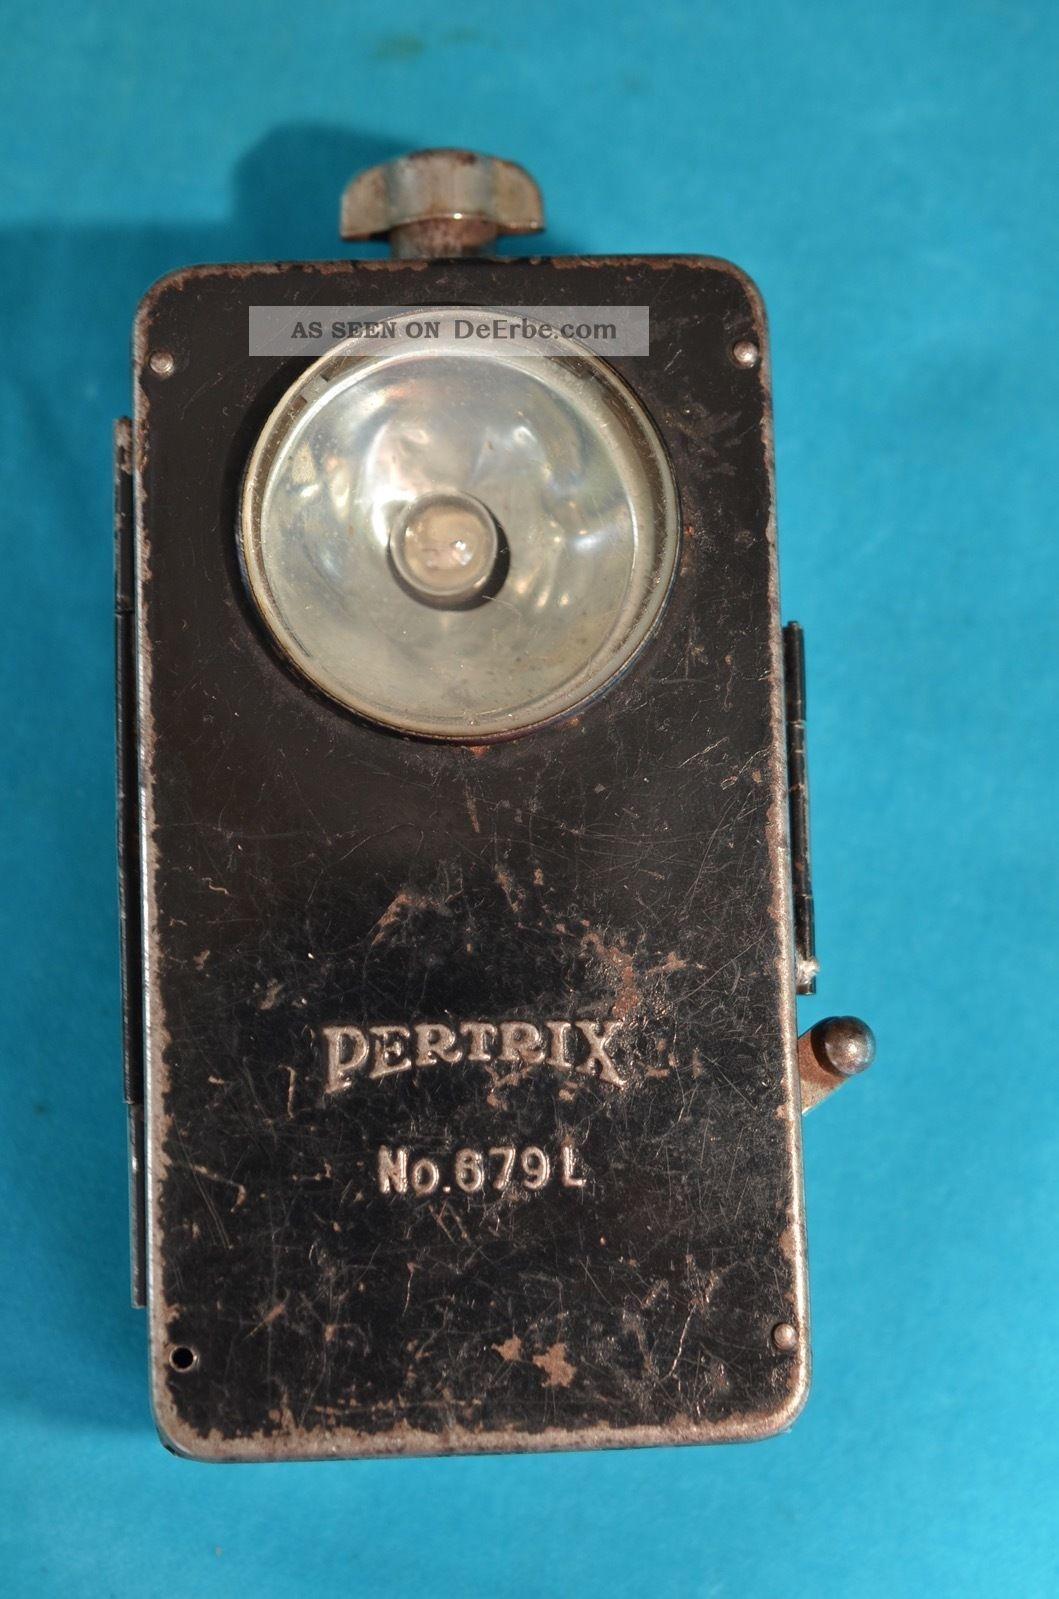 2.  Wk Wehrmacht Pertrix No.  679l Taschenlampe Haushalt Bild